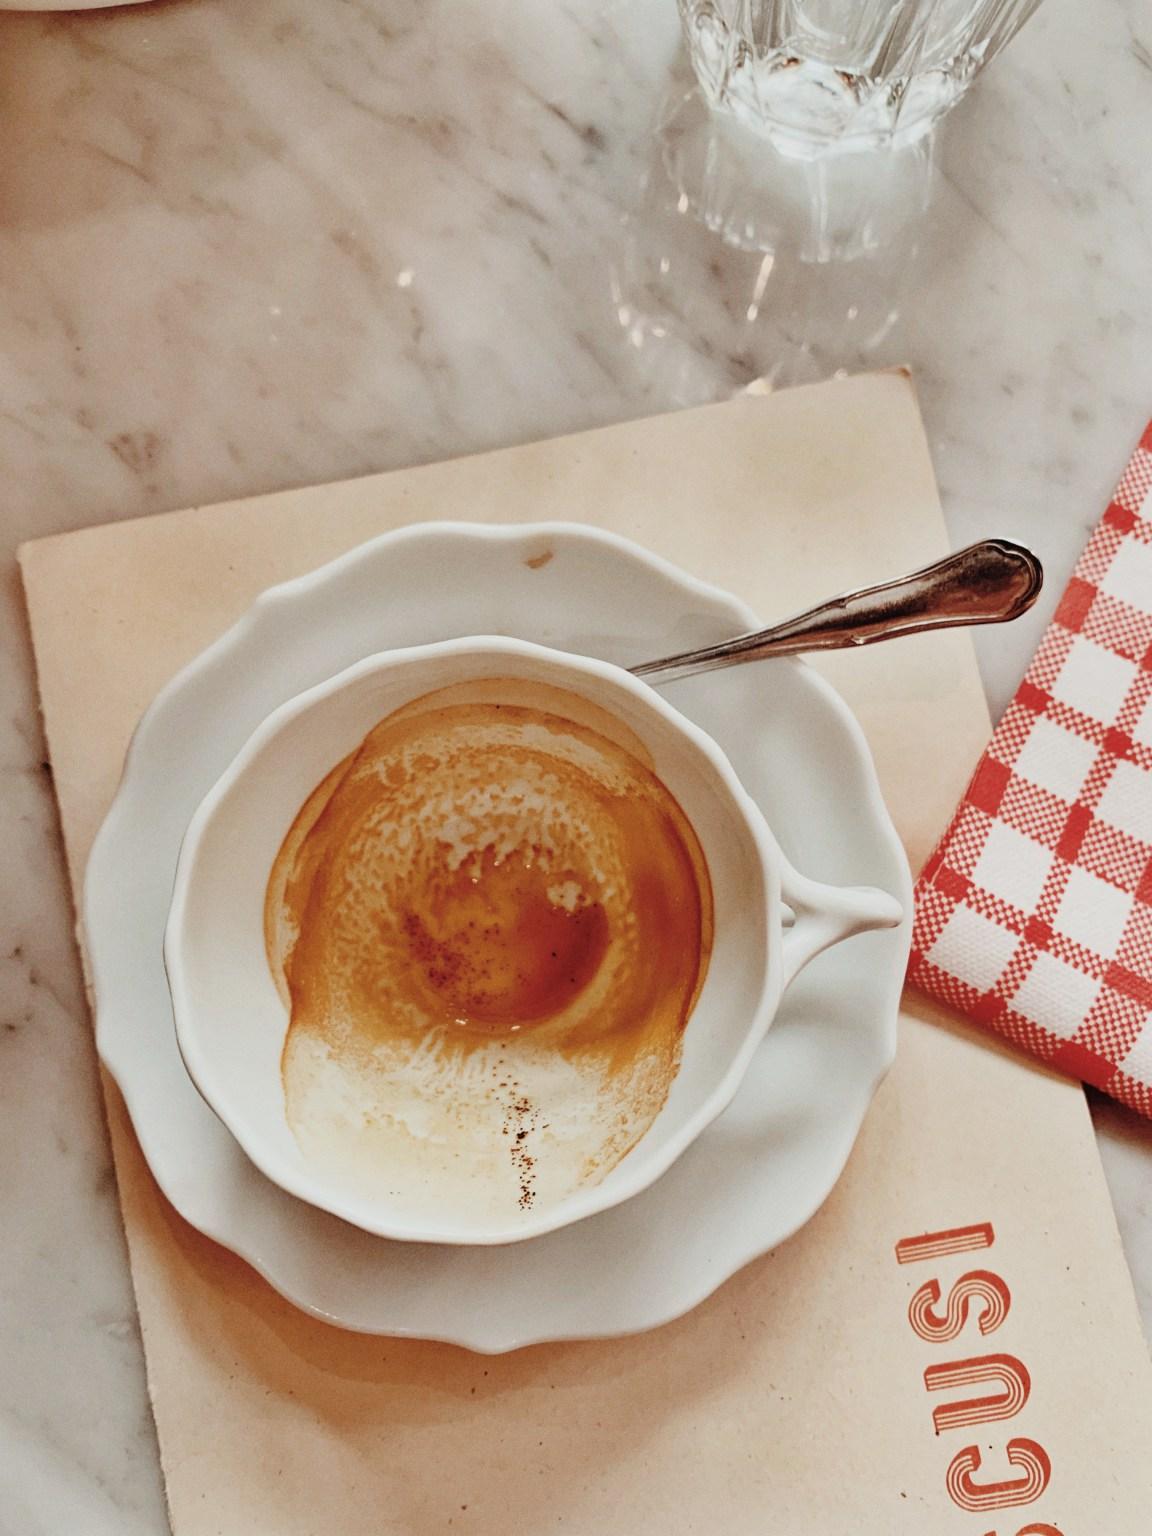 Ingen italiensk måltid är komplett utan en espresso